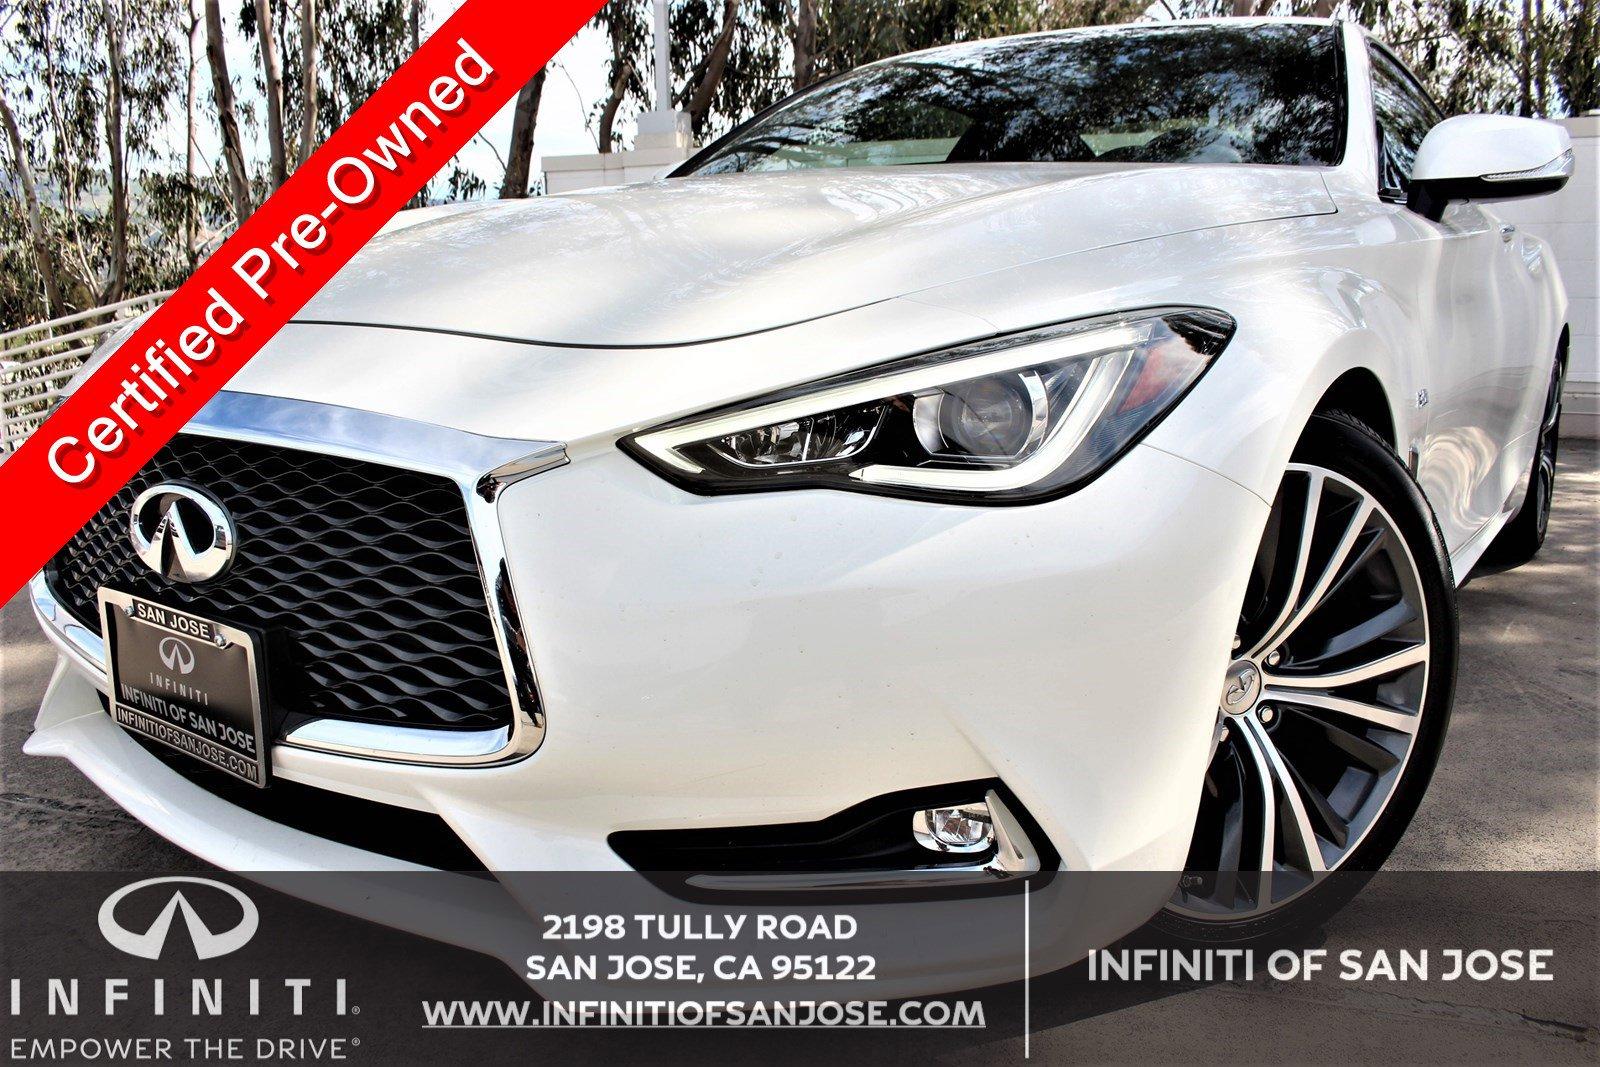 2017 INFINITI Q60 w/ Premium Package image